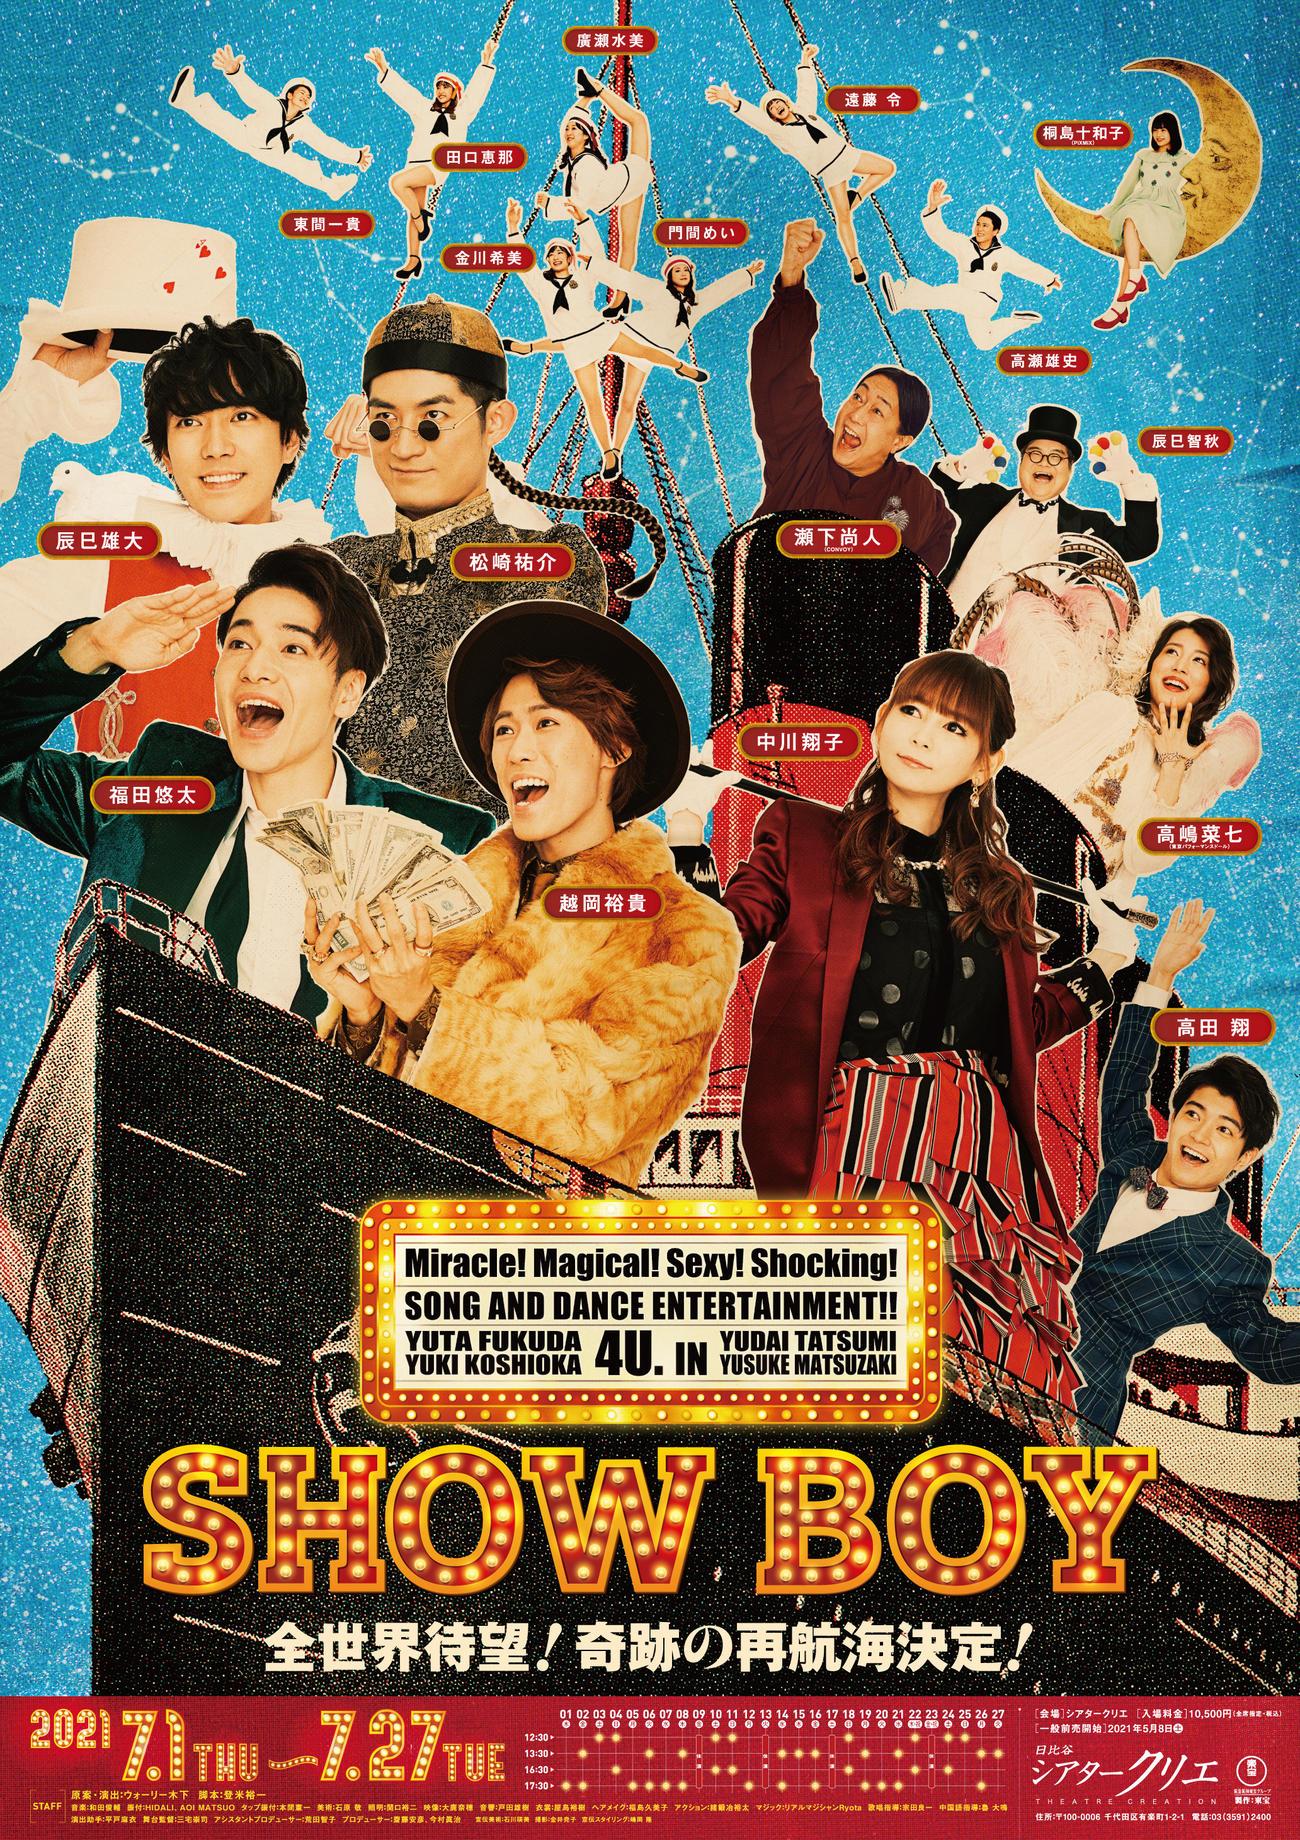 ふぉ~ゆ~の主演舞台「SHOW BOY」のポスタービジュアル。前列左から福田悠太、越岡裕貴。後列左から辰巳雄大、松崎祐介